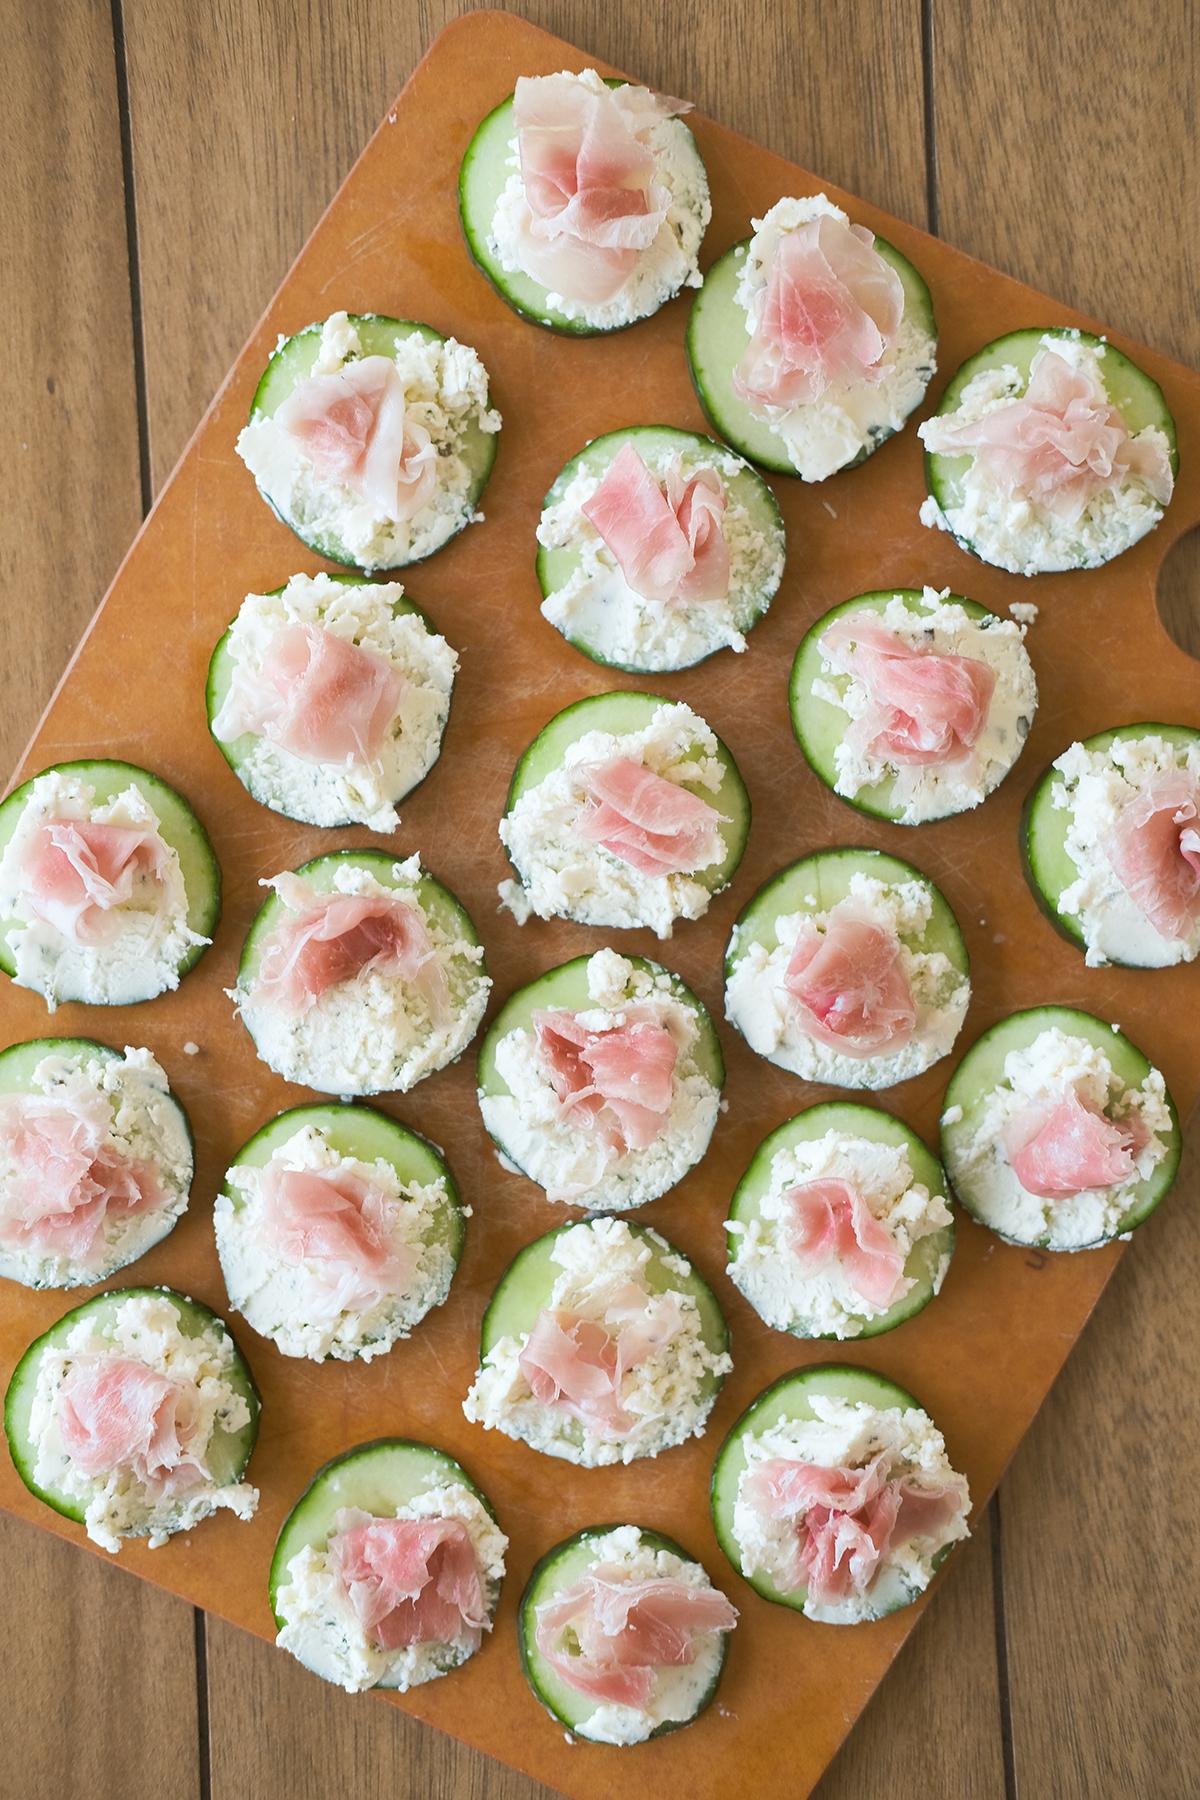 assembling prosciutto cucumber bites appetizer